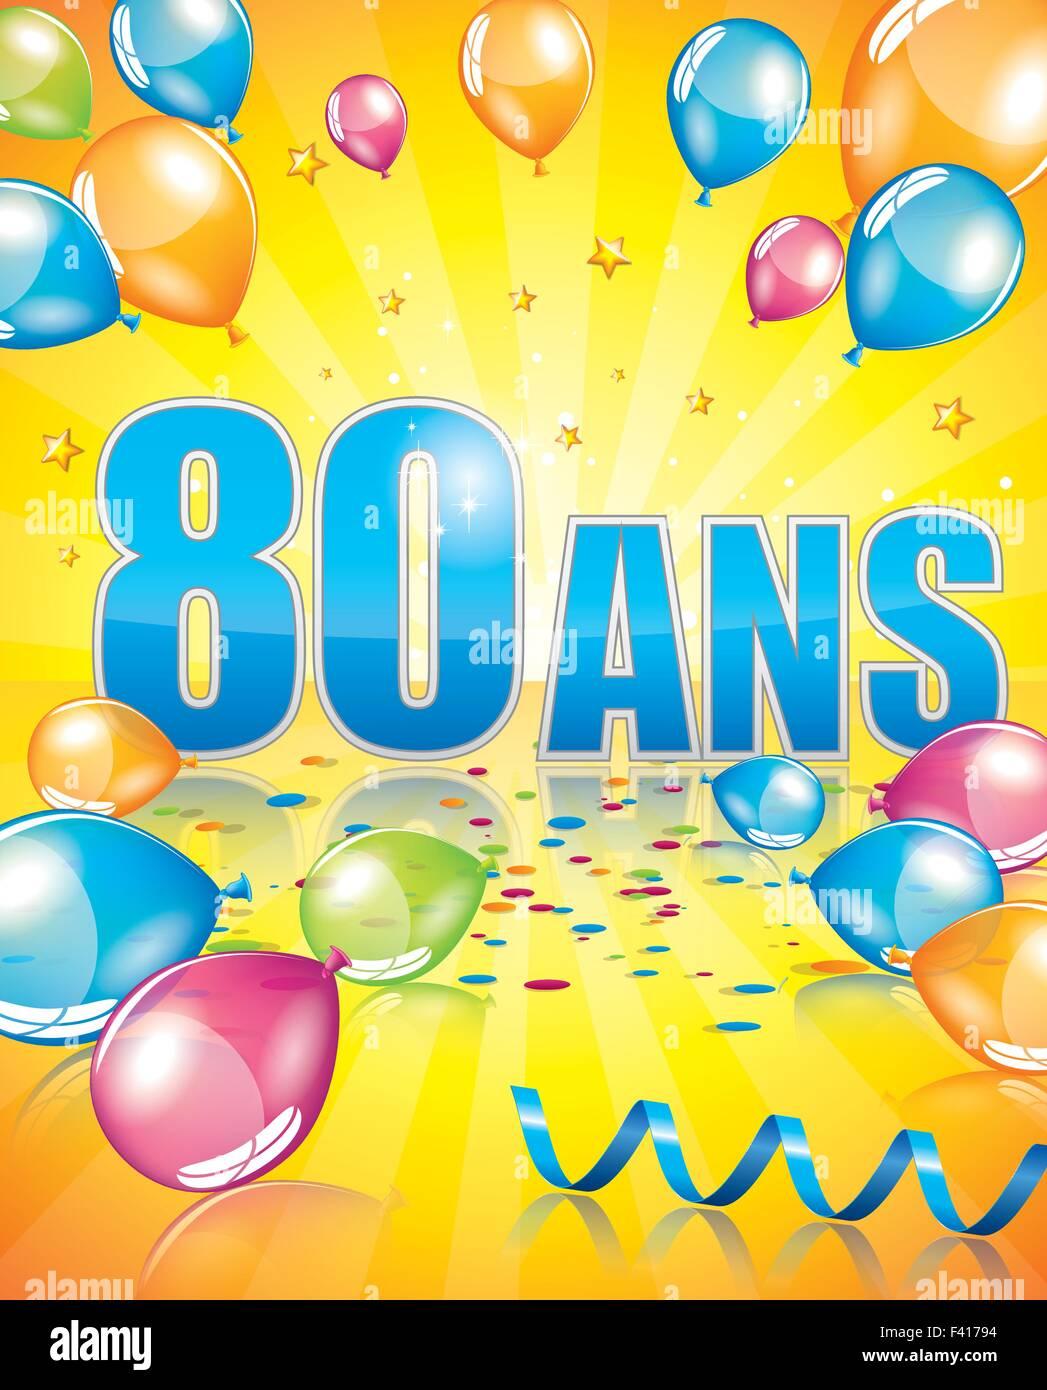 Biglietti Auguri Buon Compleanno 80 Anni.Il Francese Biglietto Di Auguri Di Compleanno 80 Anni